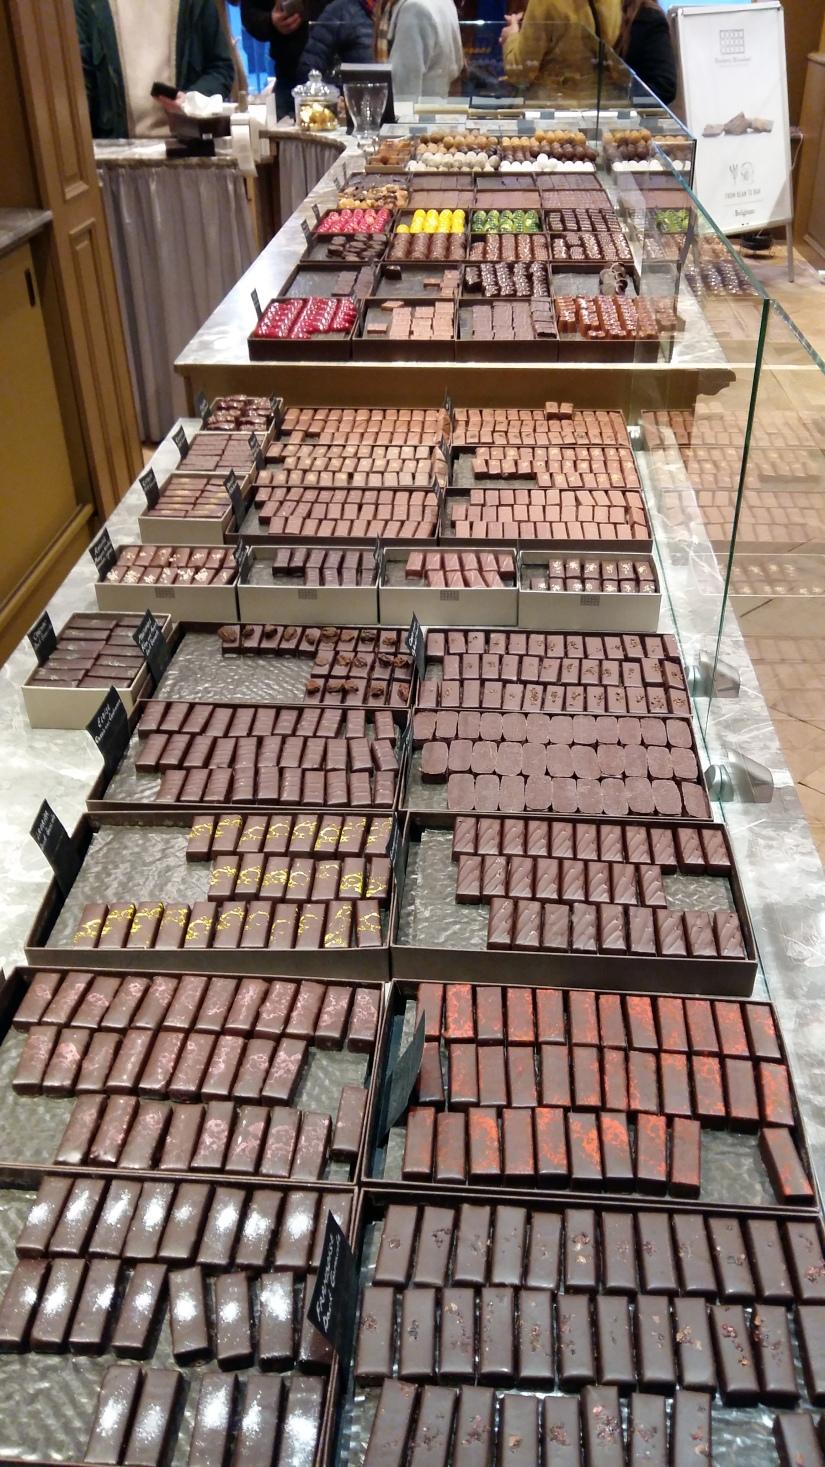 Os melhores chocolates domundo